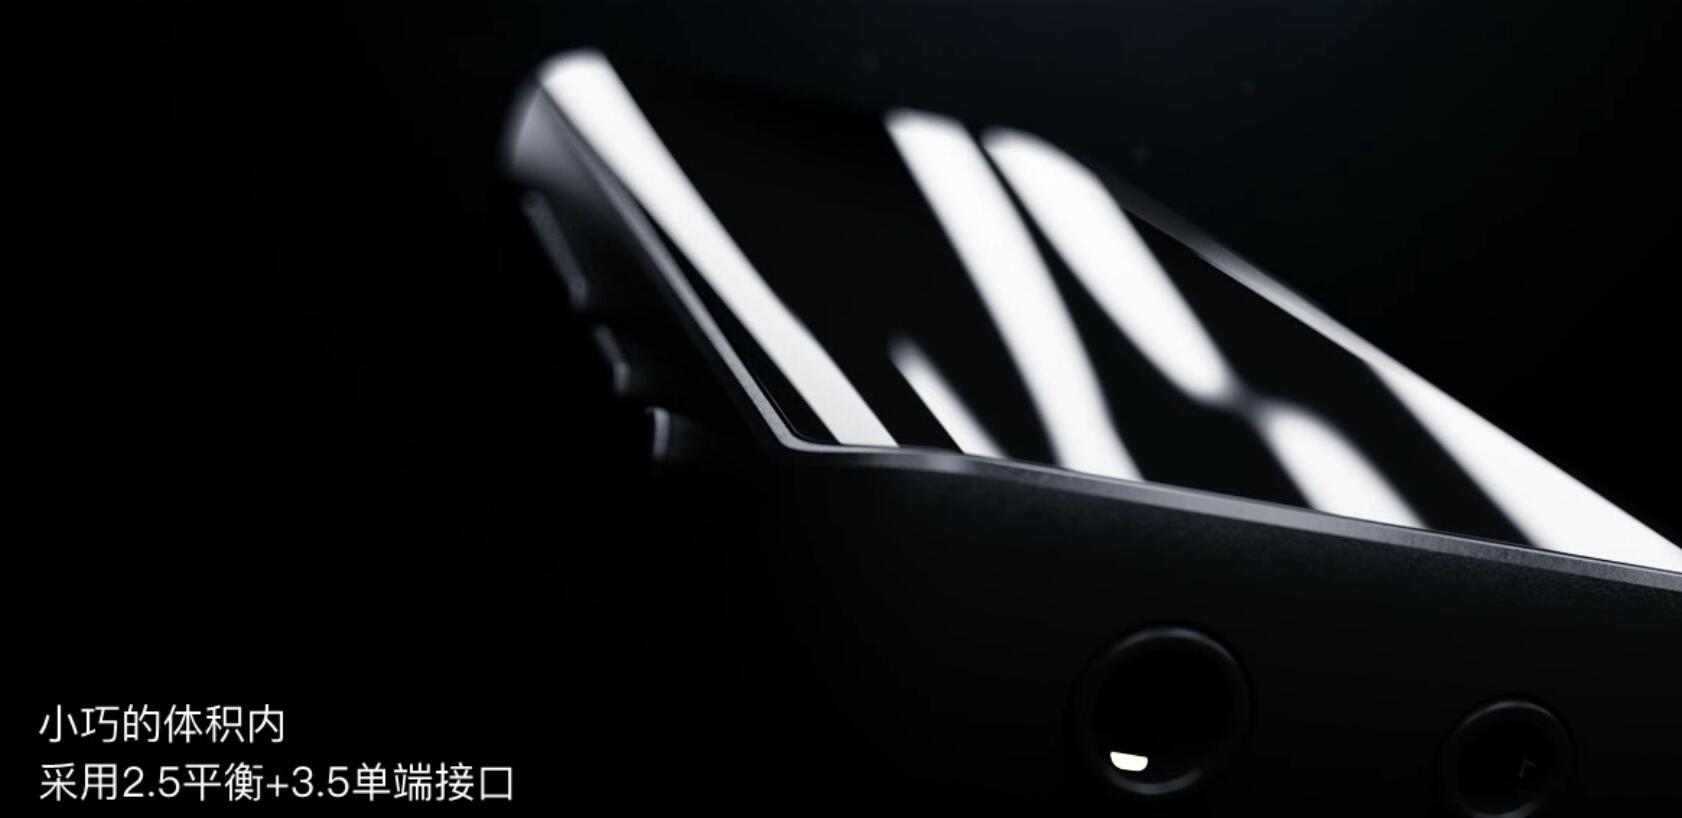 FiiO BTR5 Bluetooth Receiver vừa được ra mắt, dual chip ESS9218, balance 2.5mm